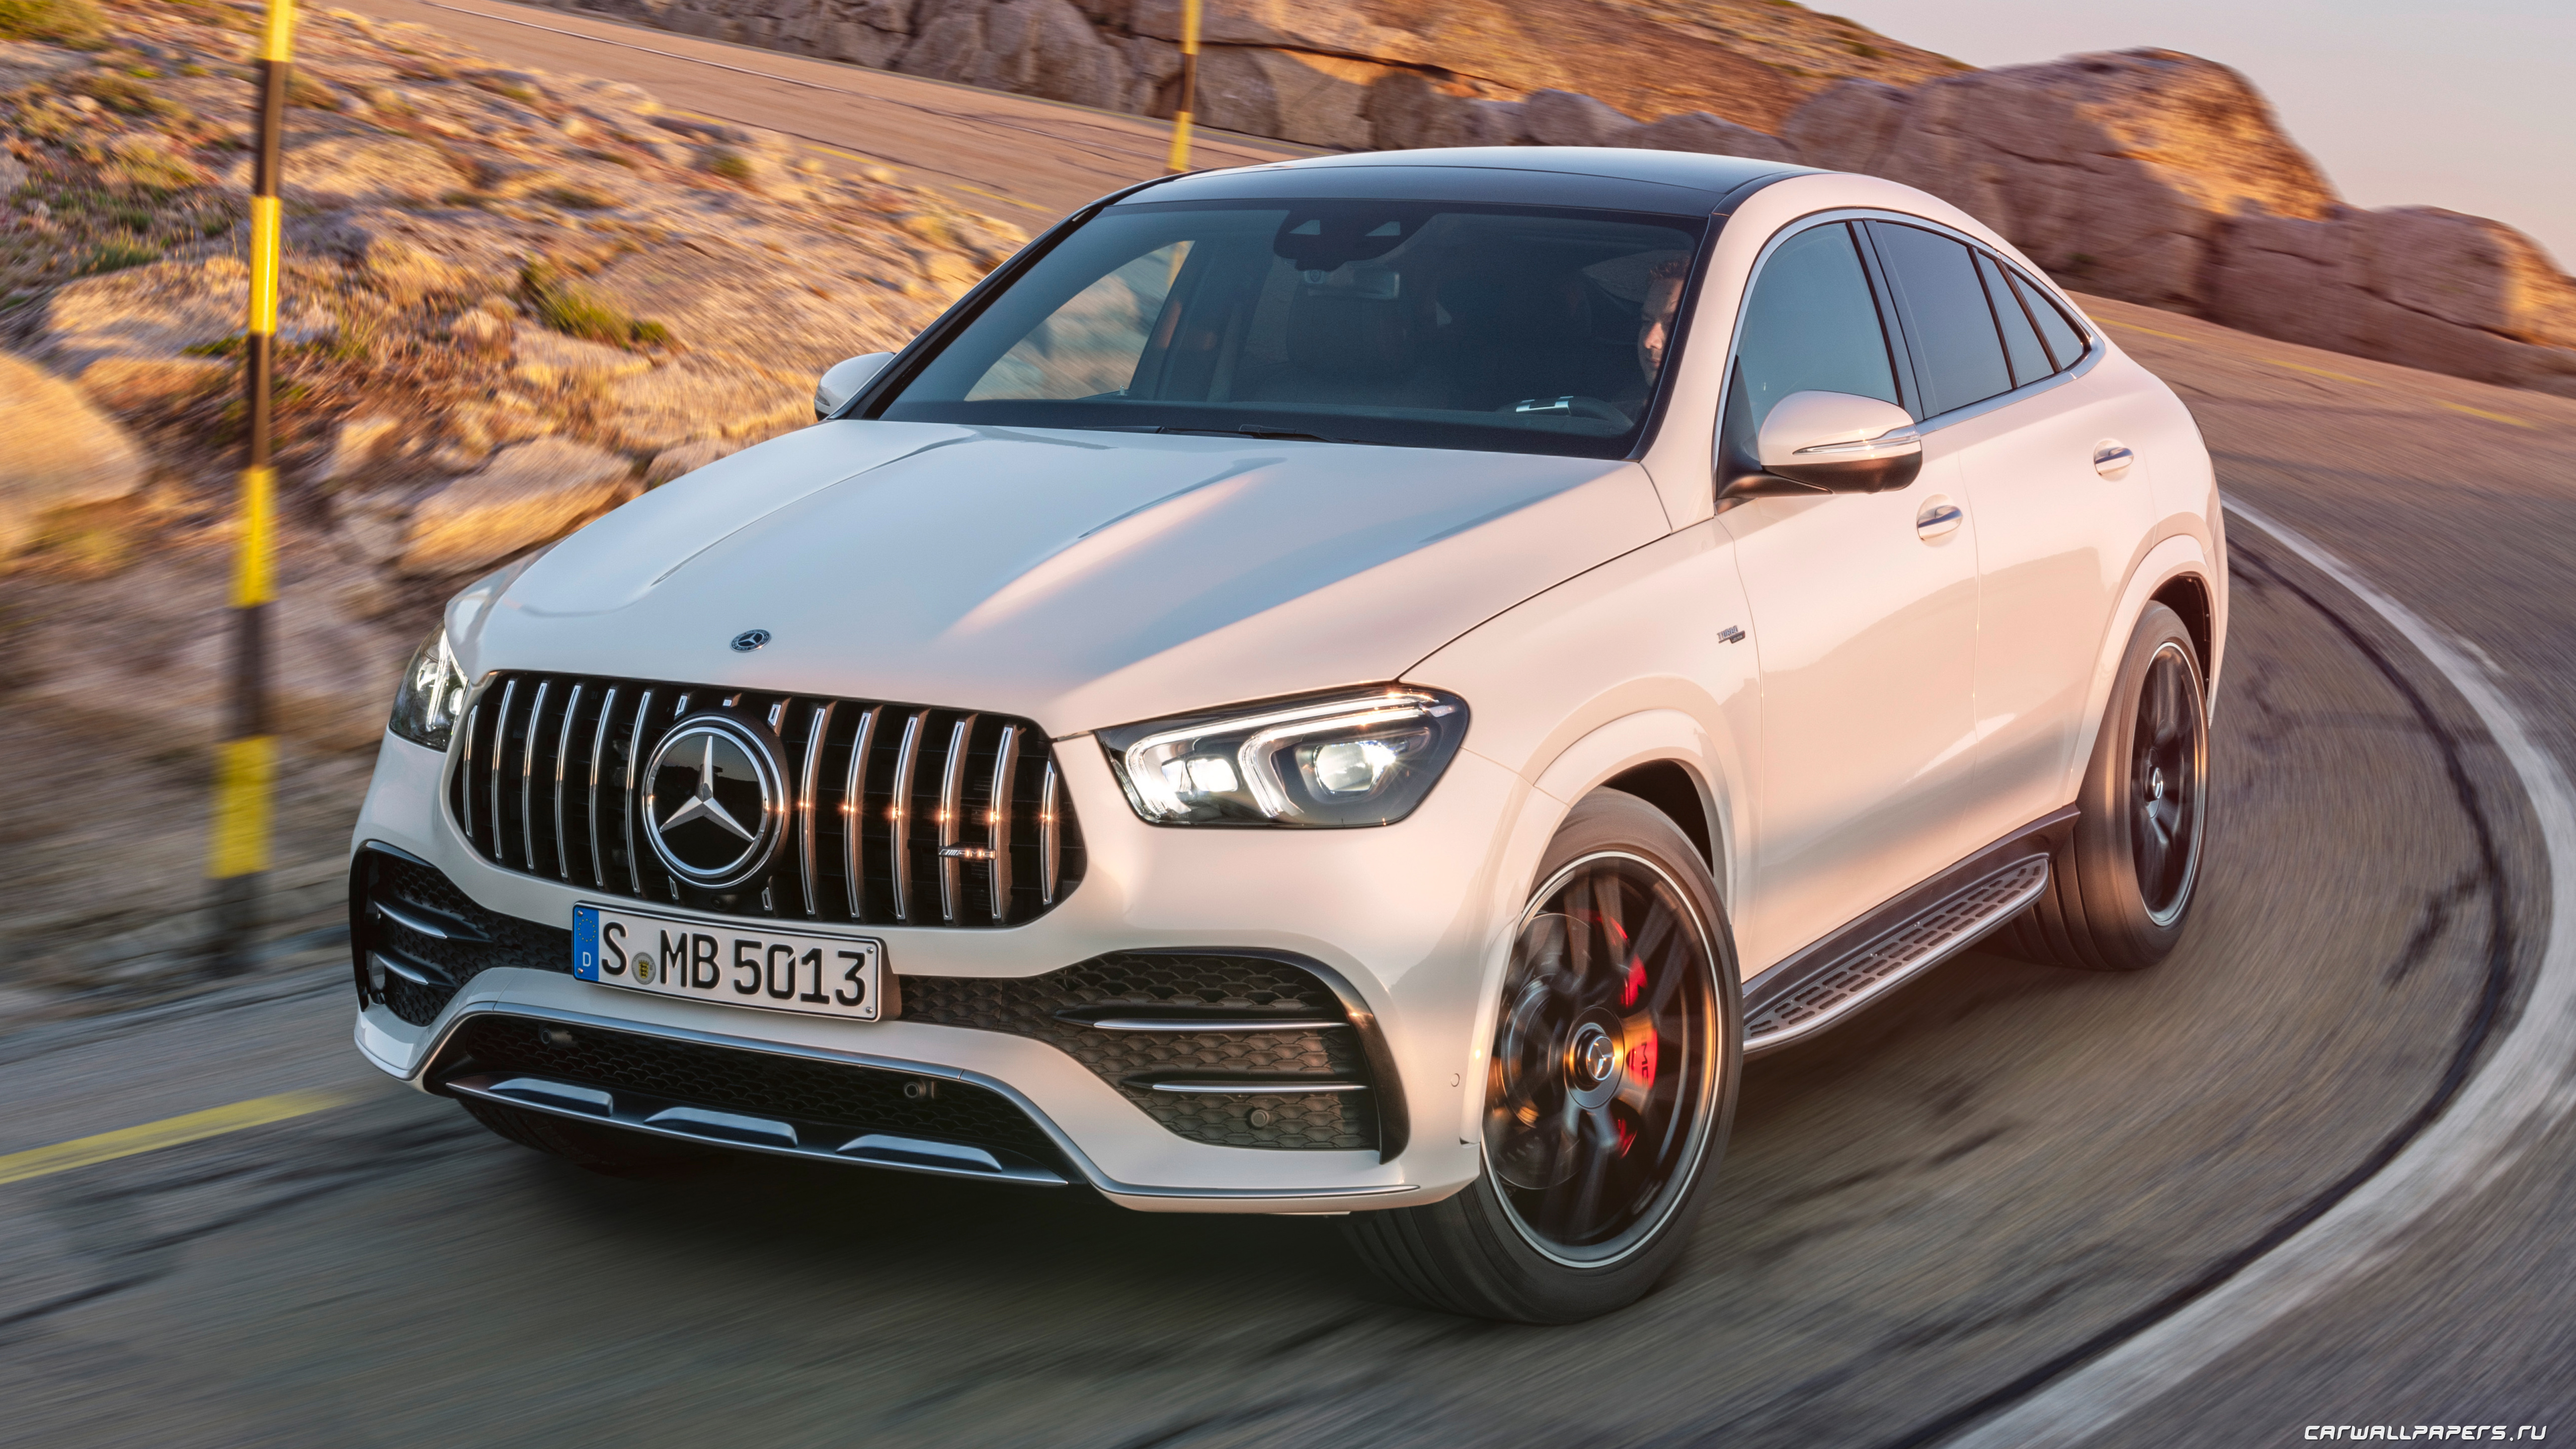 Oboi Na Rabochij Stol Avtomobili Mercedes Amg Gle 53 4matic Coupe 2019